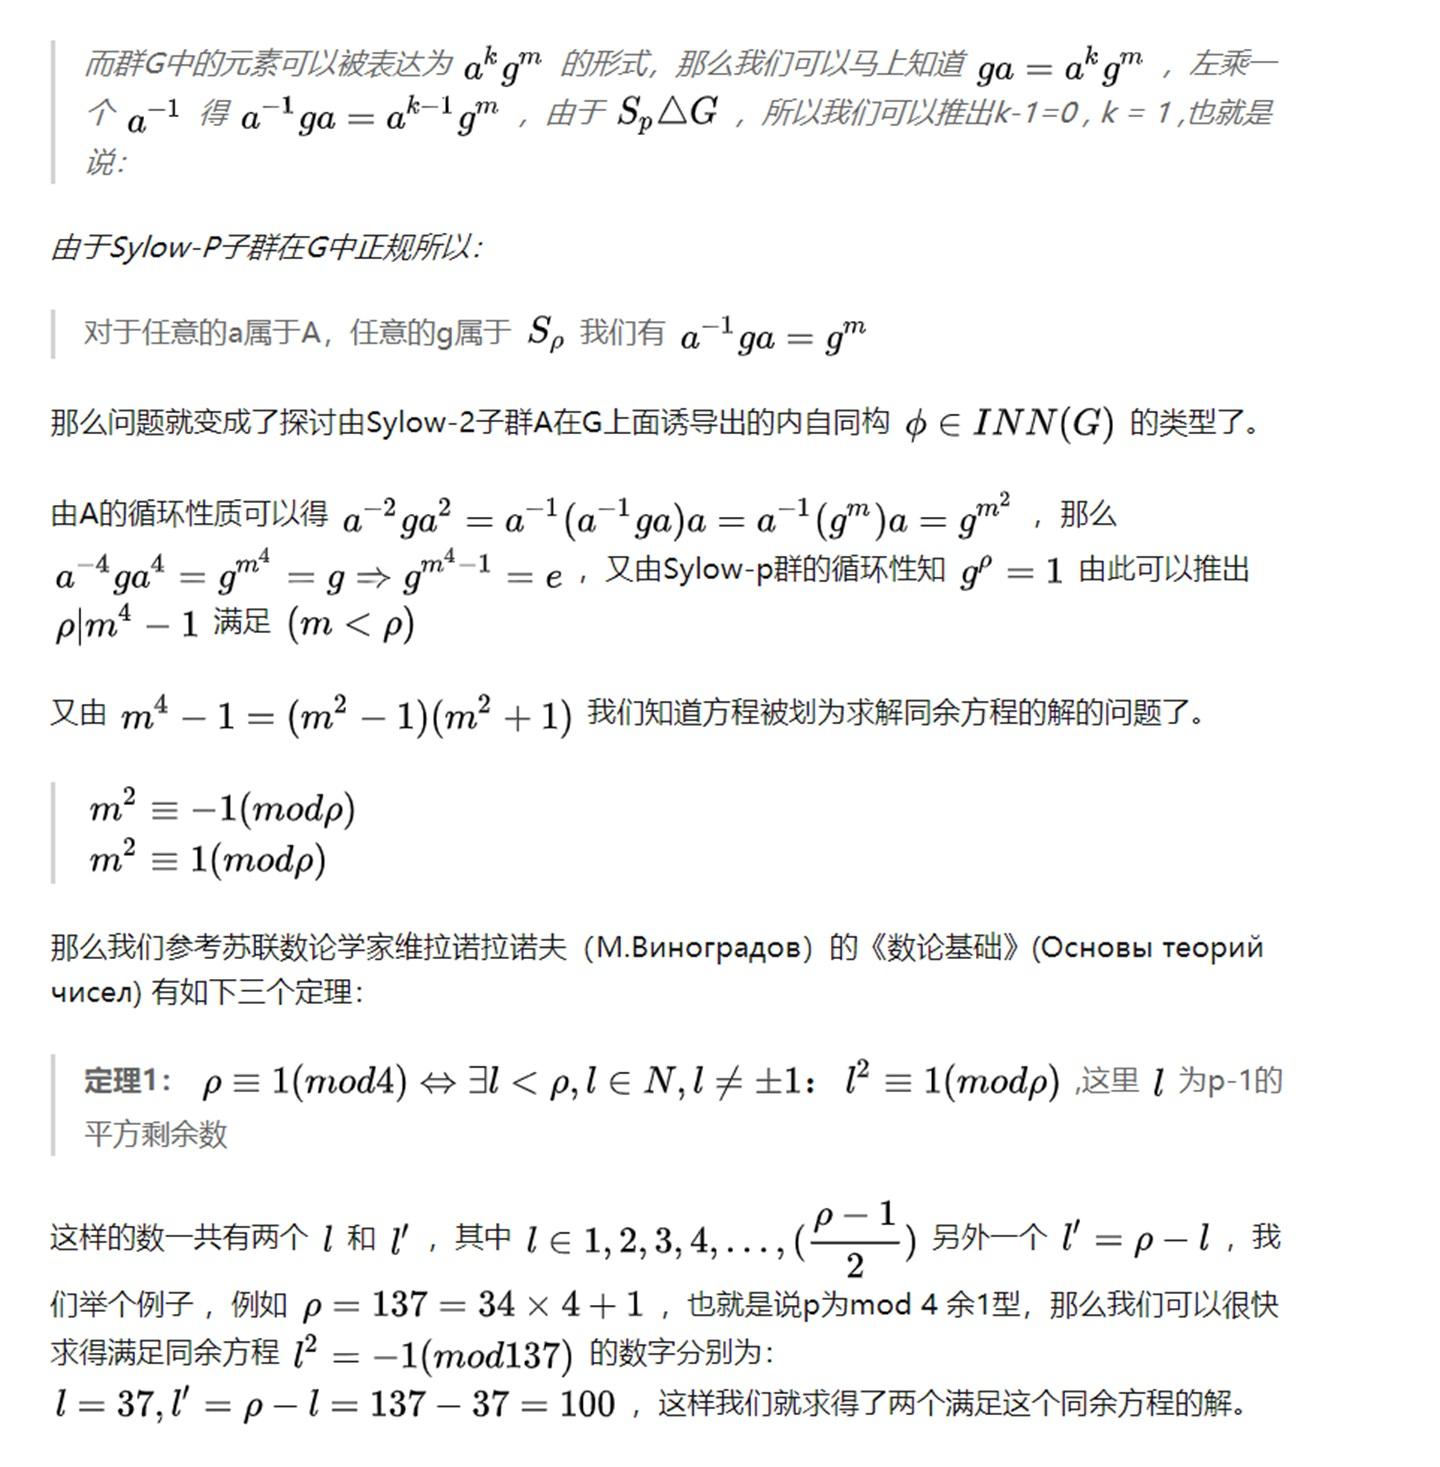 俄罗斯留学就读数学专业有多难?本科需要学多少东西?插图12-小狮座俄罗斯留学